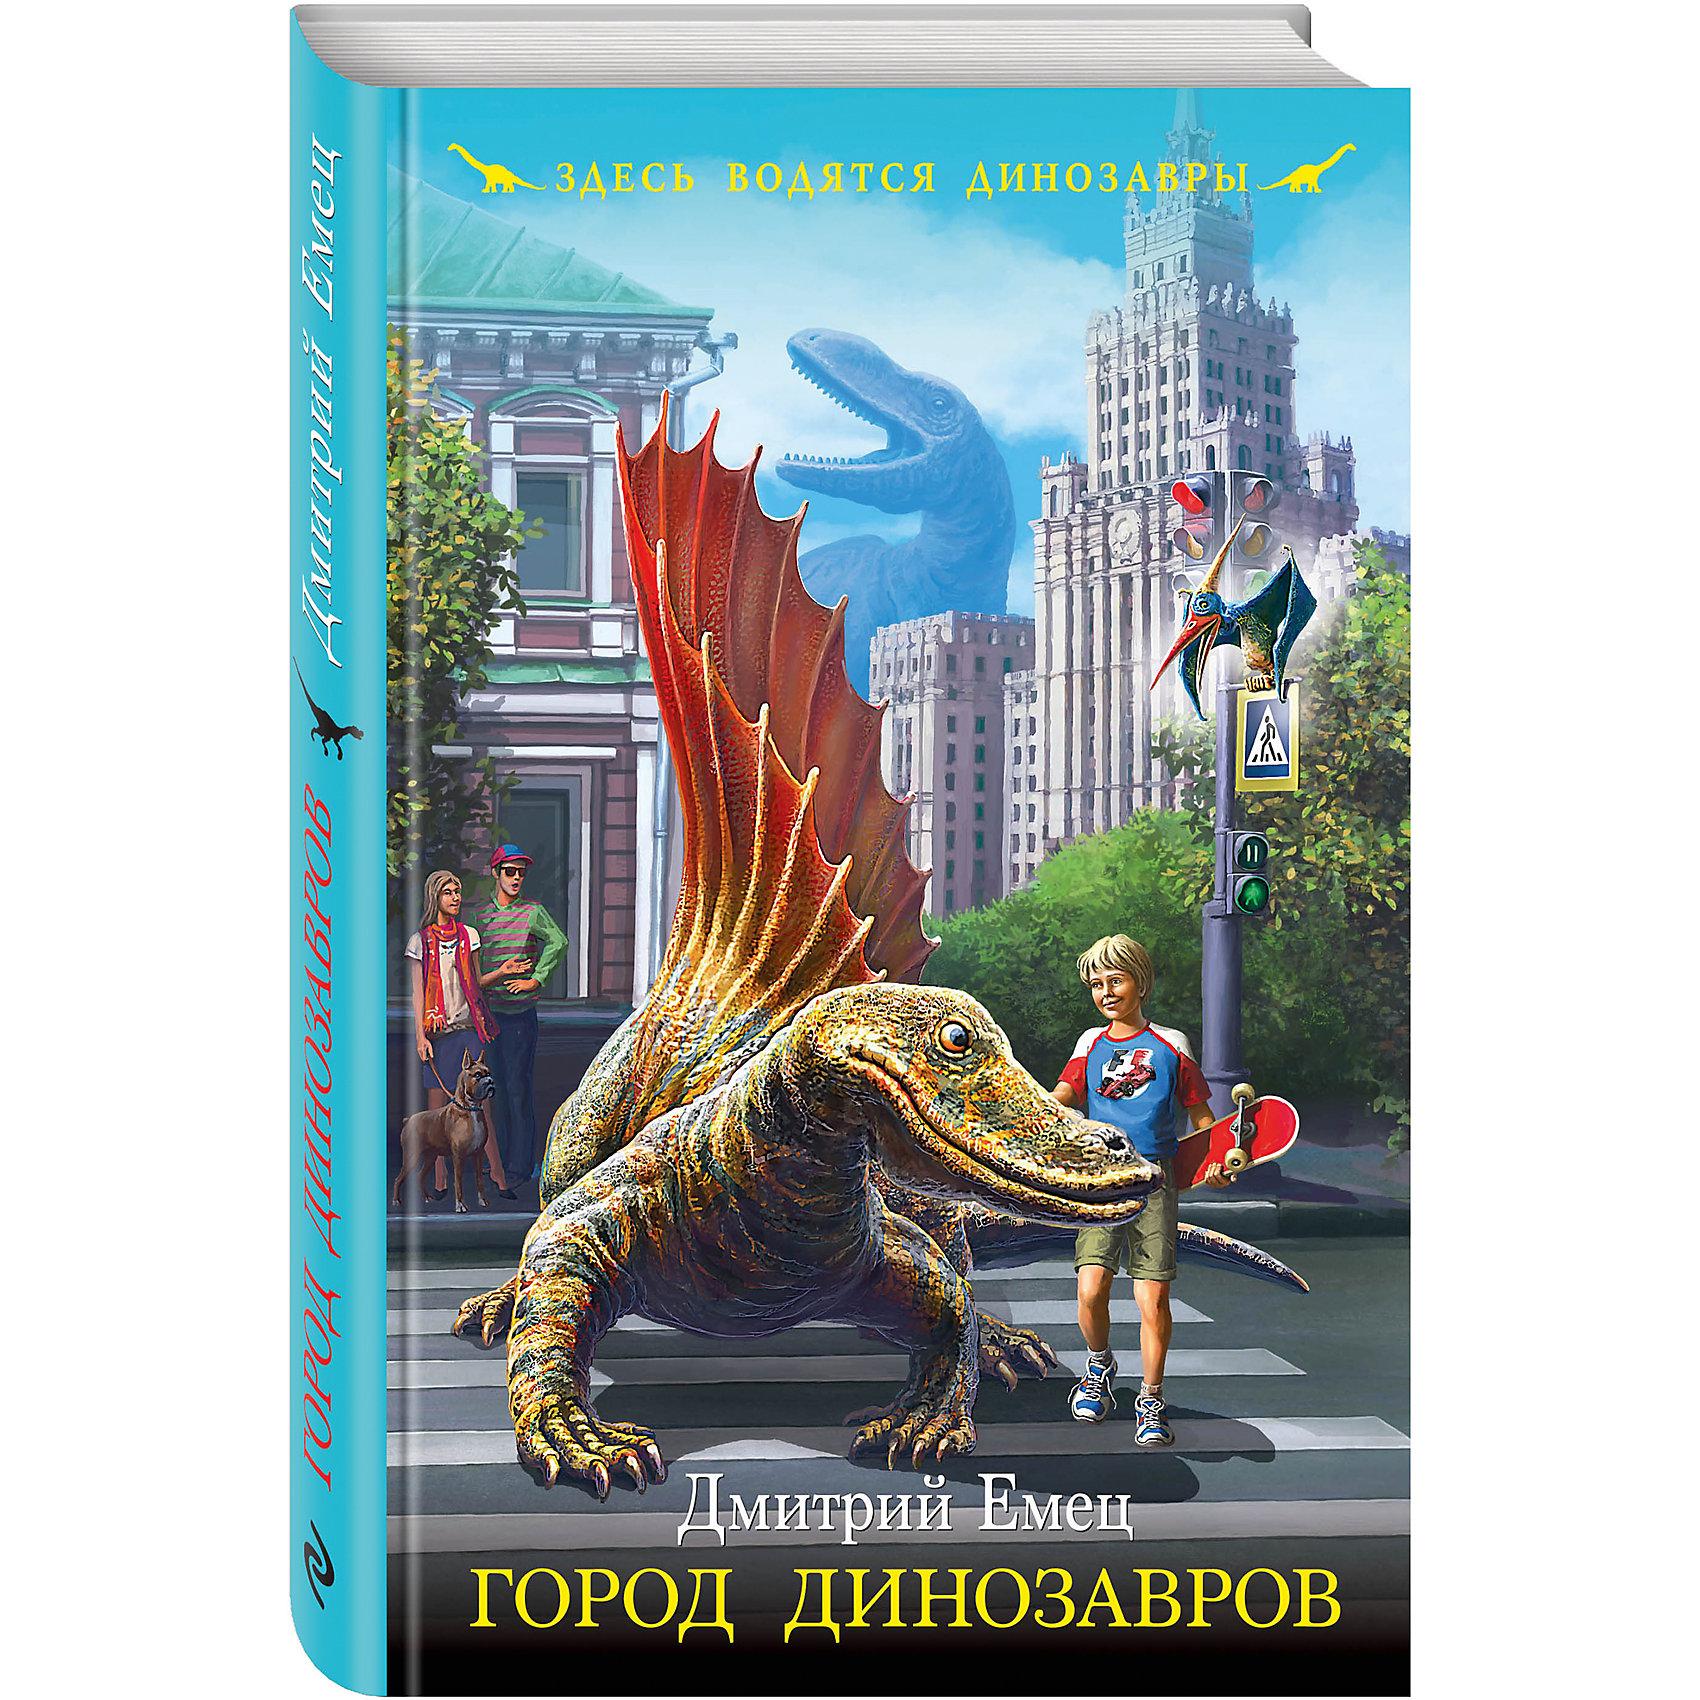 Город динозавров, Д. ЕмецЕмец Д.А.<br>Вы мечтали увидеть живых динозавров? Пожалуйста! Настоящие динозавры летают над Кремлем, плавают в Москве-реке, носятся друг за другом по улицам и проспектам. Ужас для взрослых, радость для детей, и большая проблема для Макса – московского школьника из весьма необычной семьи. Ведь динозавры родились в его доме и стали его друзьями. И теперь ему необходимо найти для них… параллельный мир, где они будут чувствовать себя в безопасности.<br><br>Ширина мм: 240<br>Глубина мм: 150<br>Высота мм: 20<br>Вес г: 385<br>Возраст от месяцев: 144<br>Возраст до месяцев: 192<br>Пол: Унисекс<br>Возраст: Детский<br>SKU: 6878098